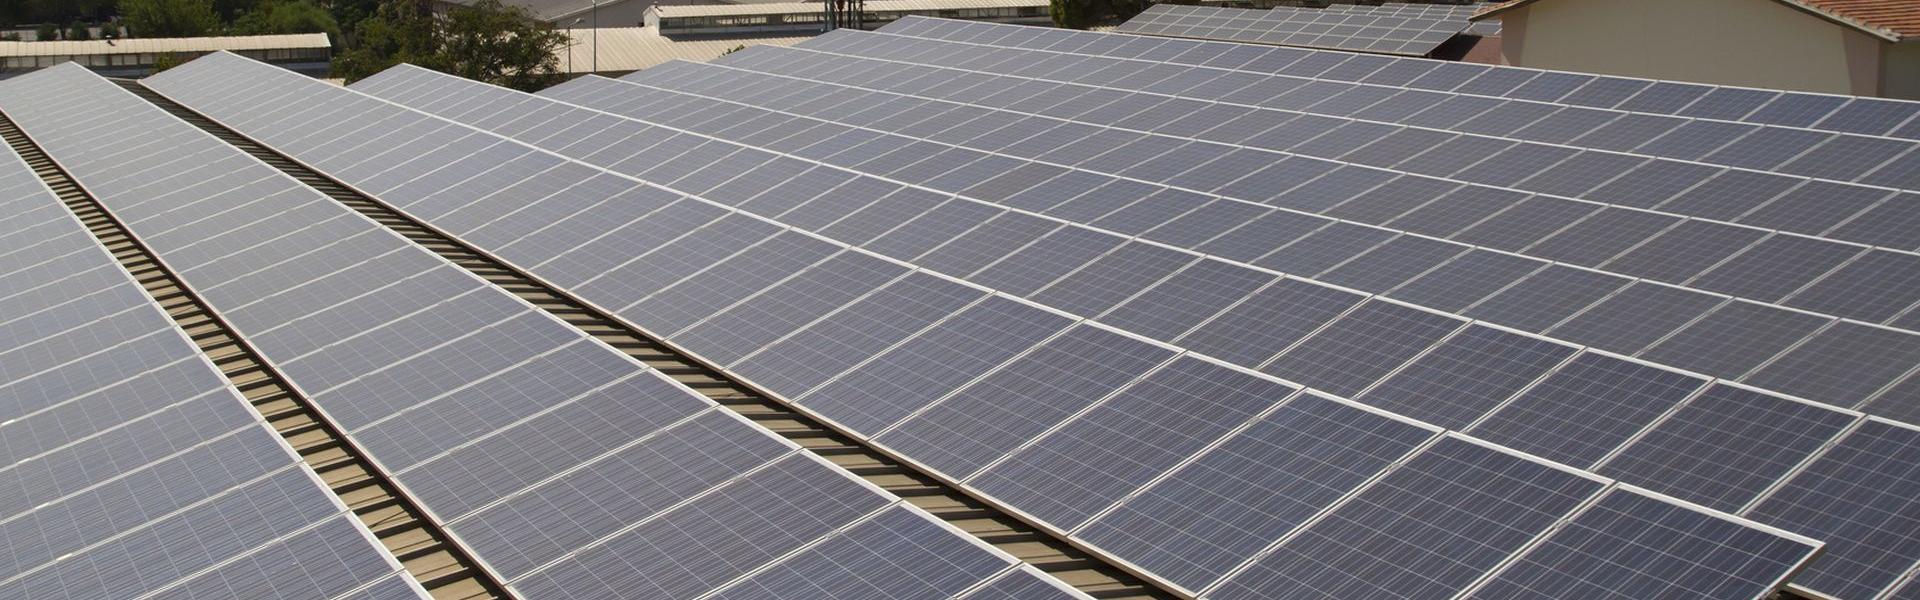 Sie verfügen über ein größeres Dach und wollen eine Photovoltaikanlage darauf bauen?